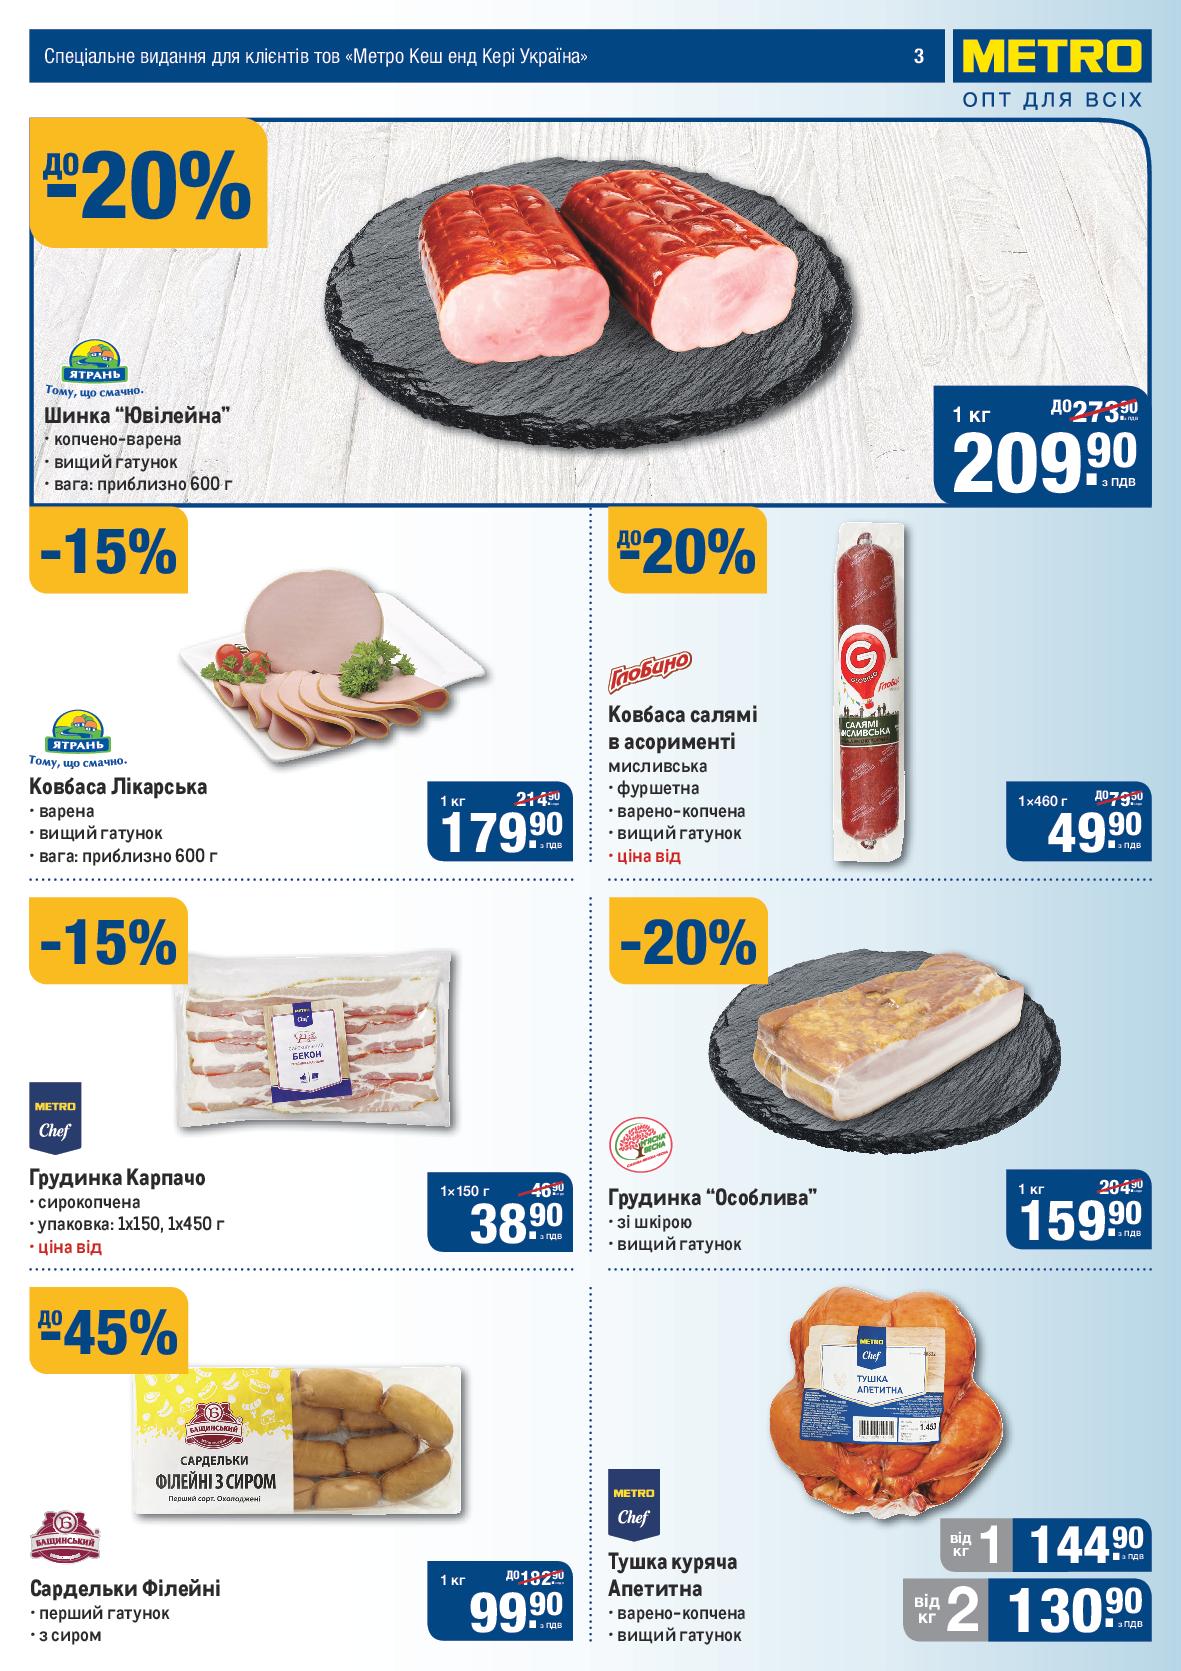 Пора за покупками: свежие скидки и акции в магазинах Днепра , фото-31